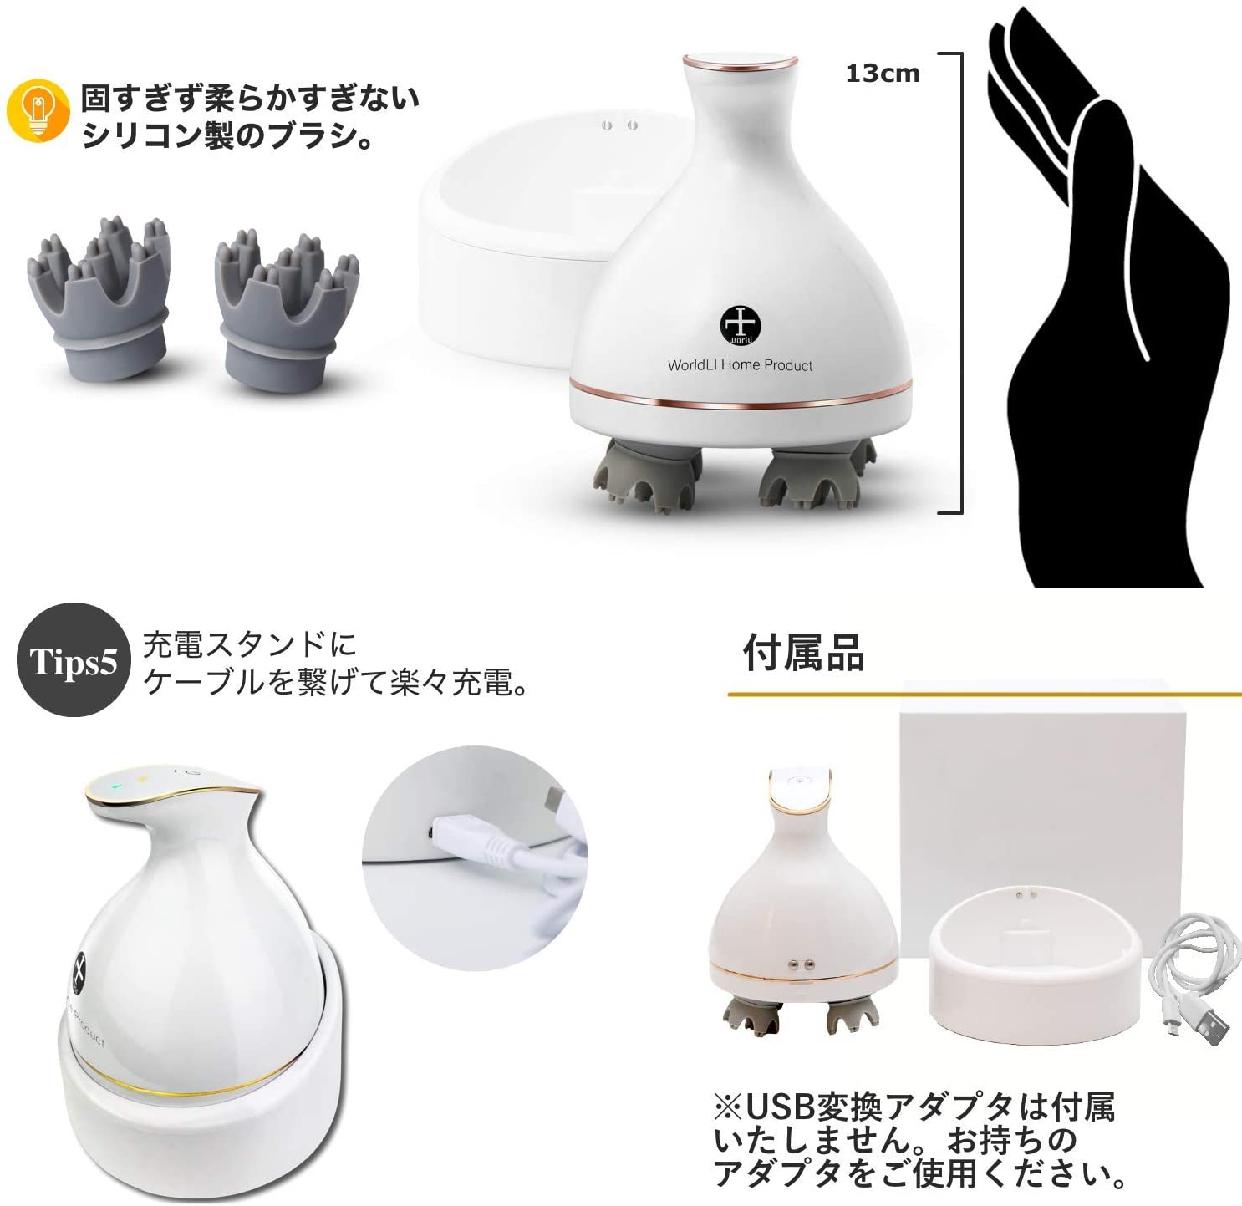 WorldLI Home Product(ワールドエルアイホームプロダクト)頭皮マッサージ器 KAS-1の商品画像7